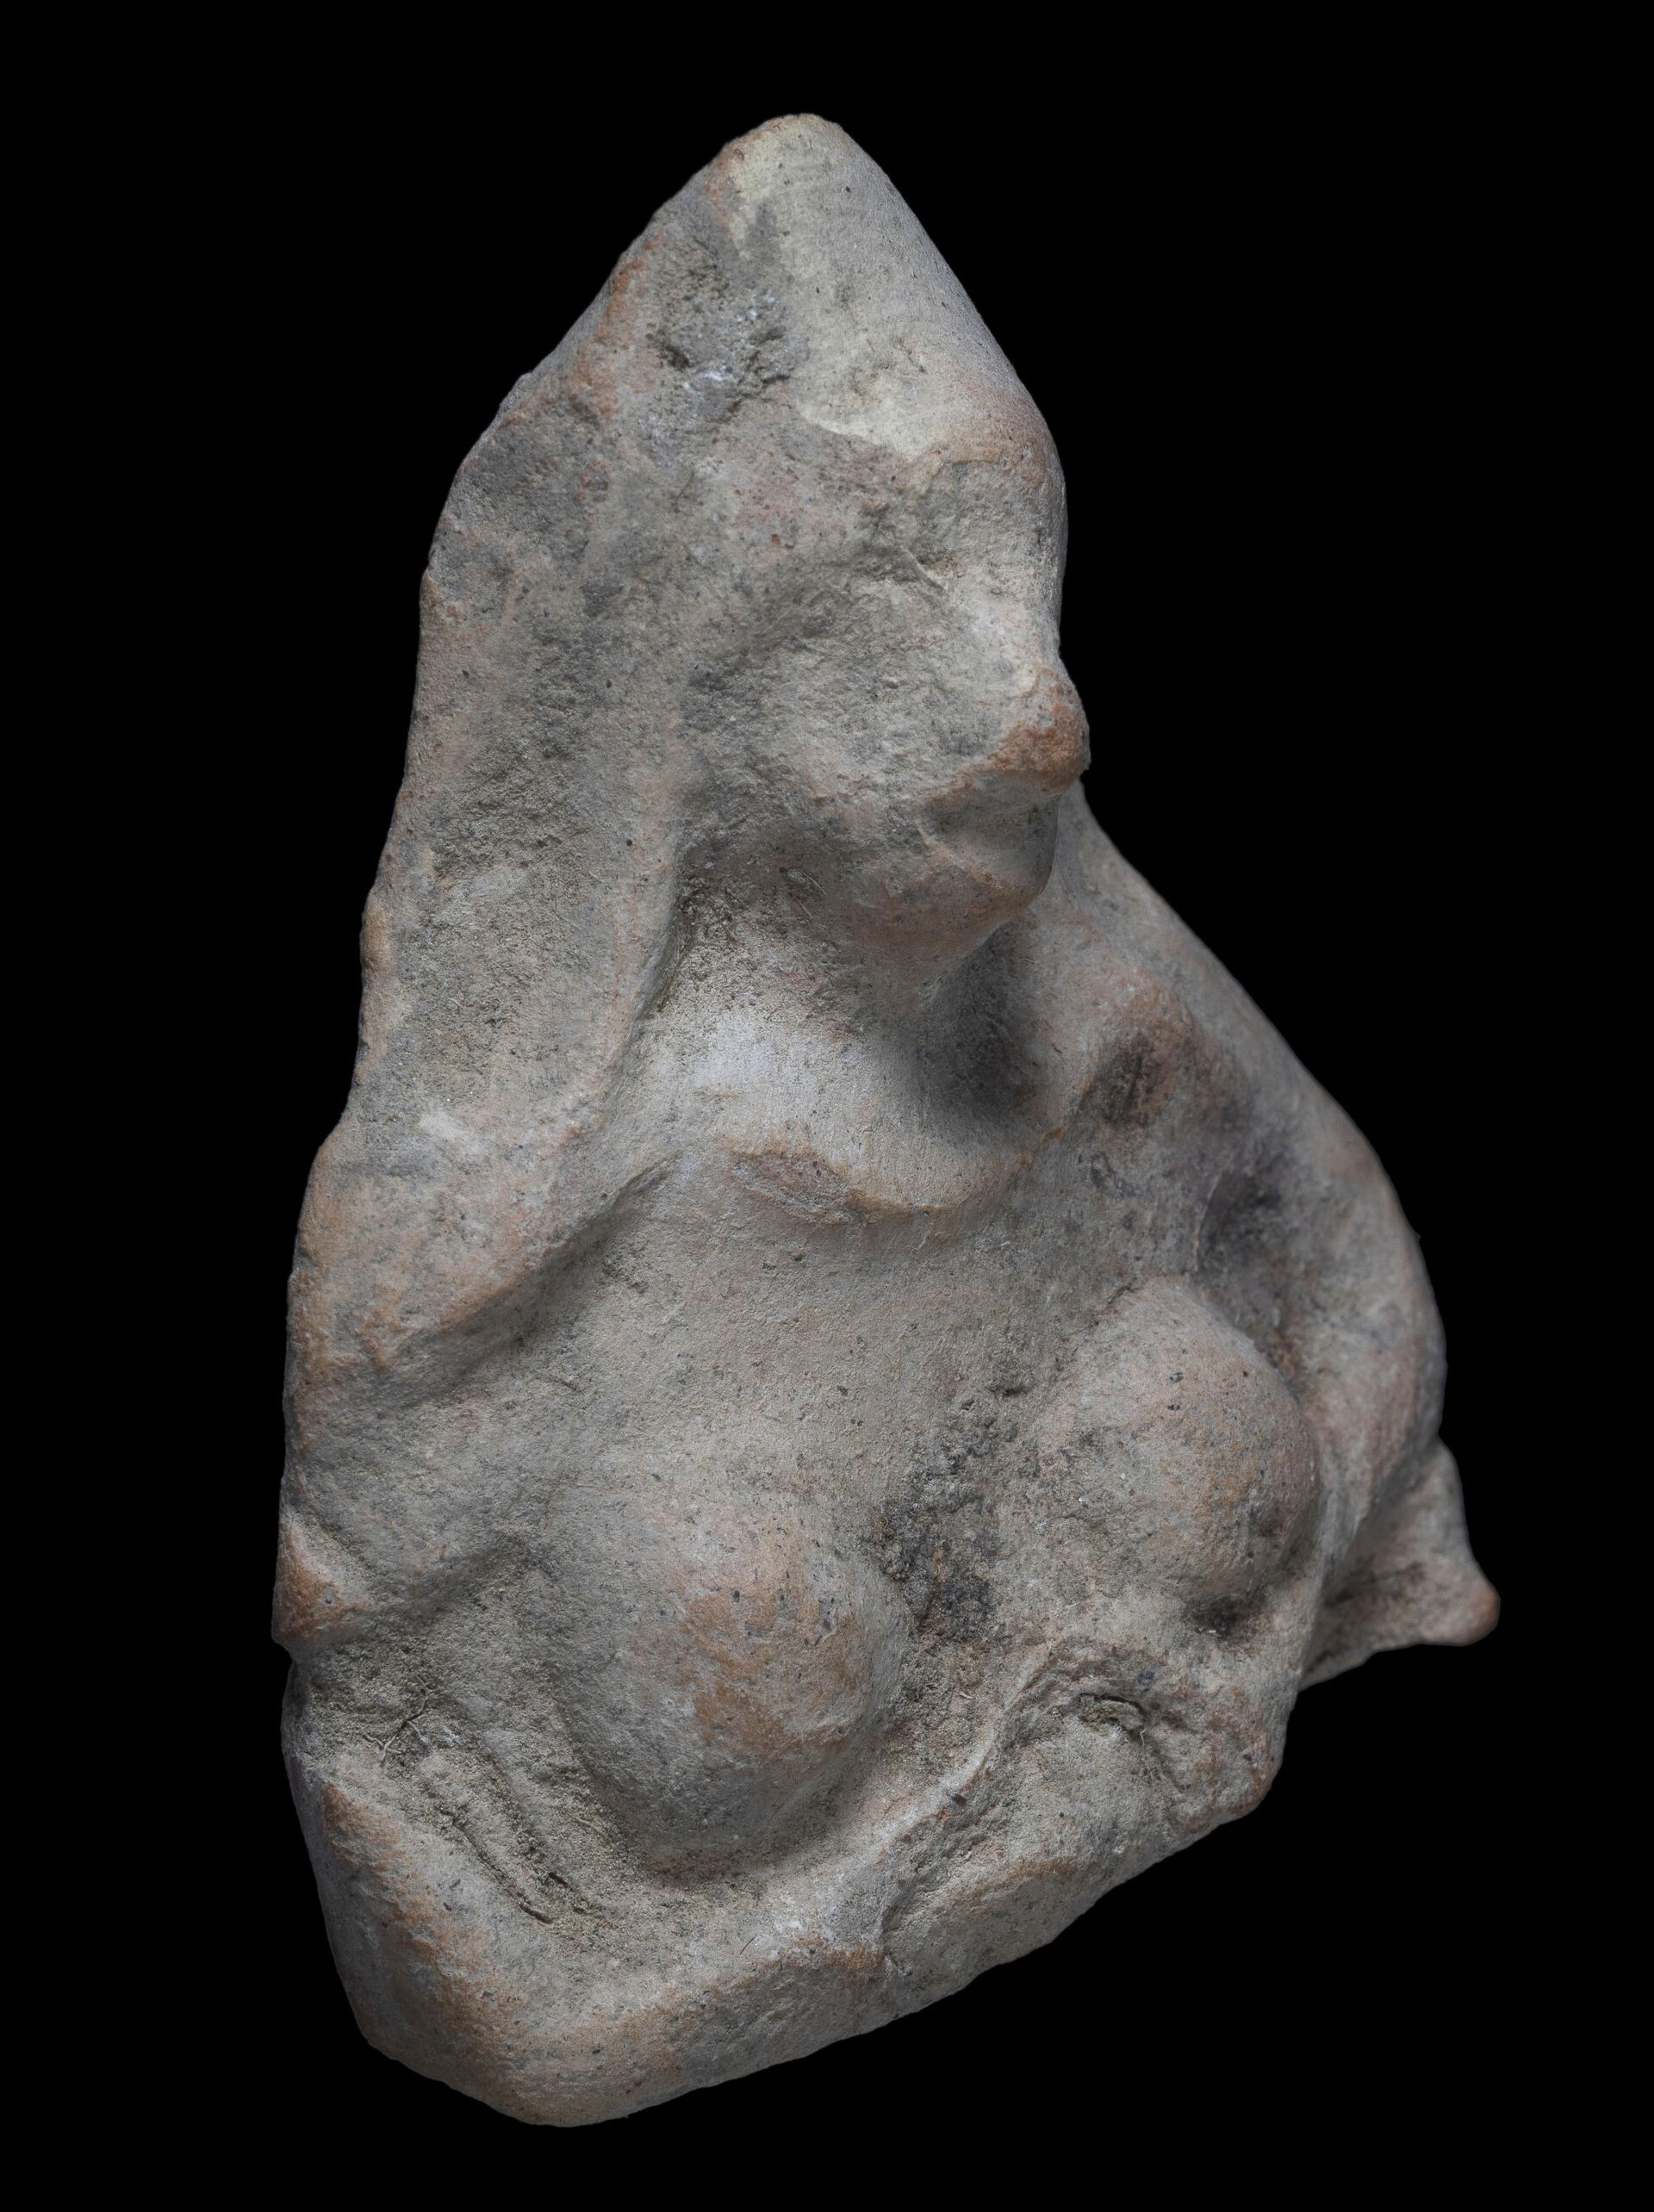 Antichissimo Amuleto della fertilità trovato da un 11 enne nel Negev - Foto - Sputnik Italia, 1920, 10.03.2021